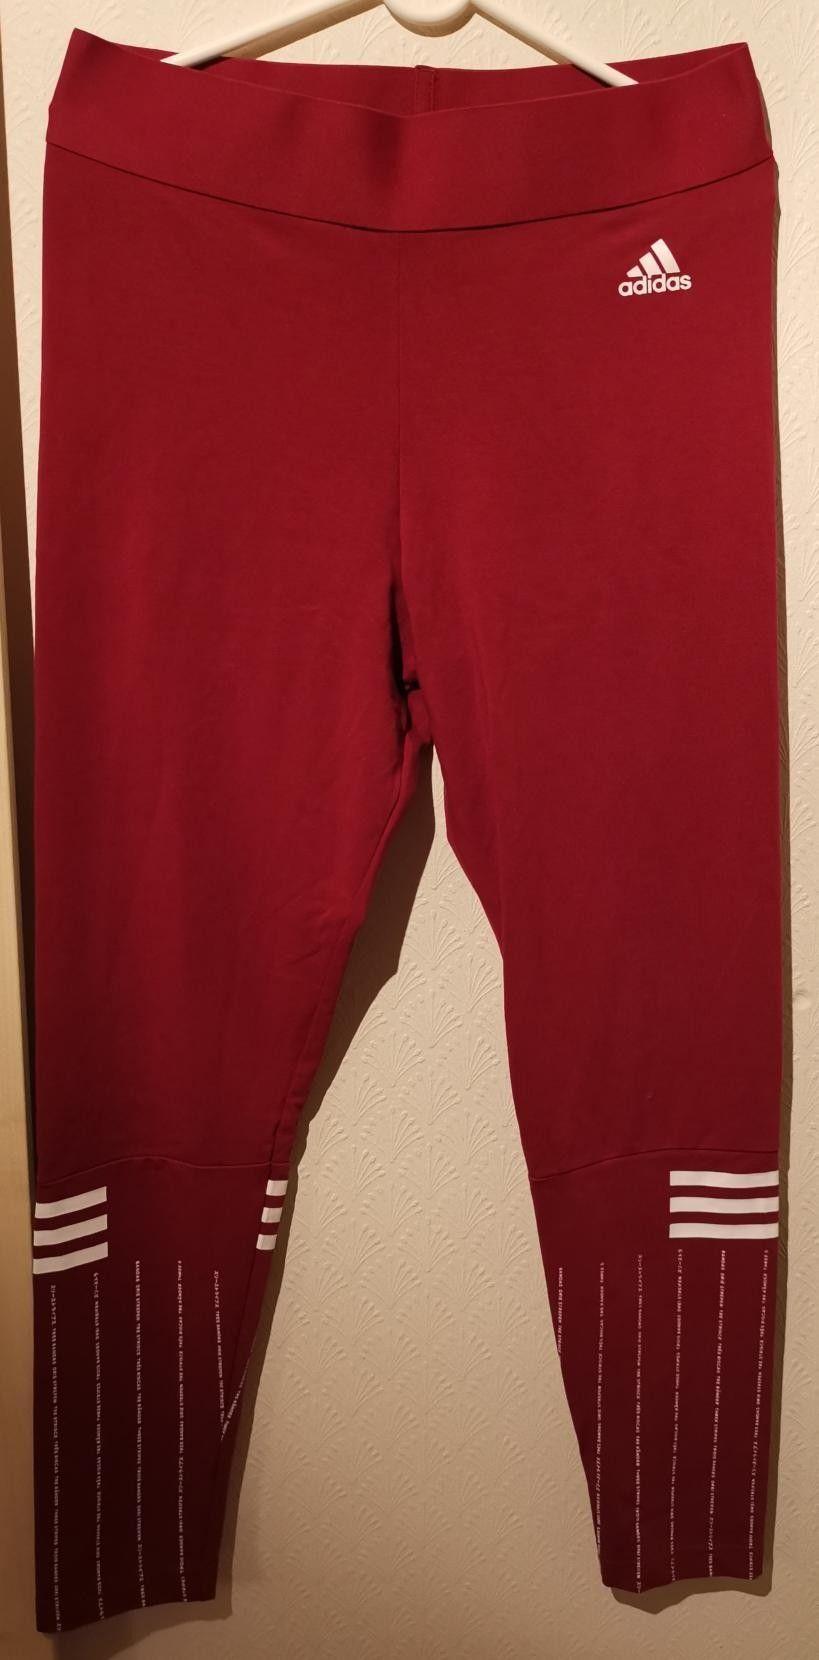 Adidas tights helt ny | FINN.no